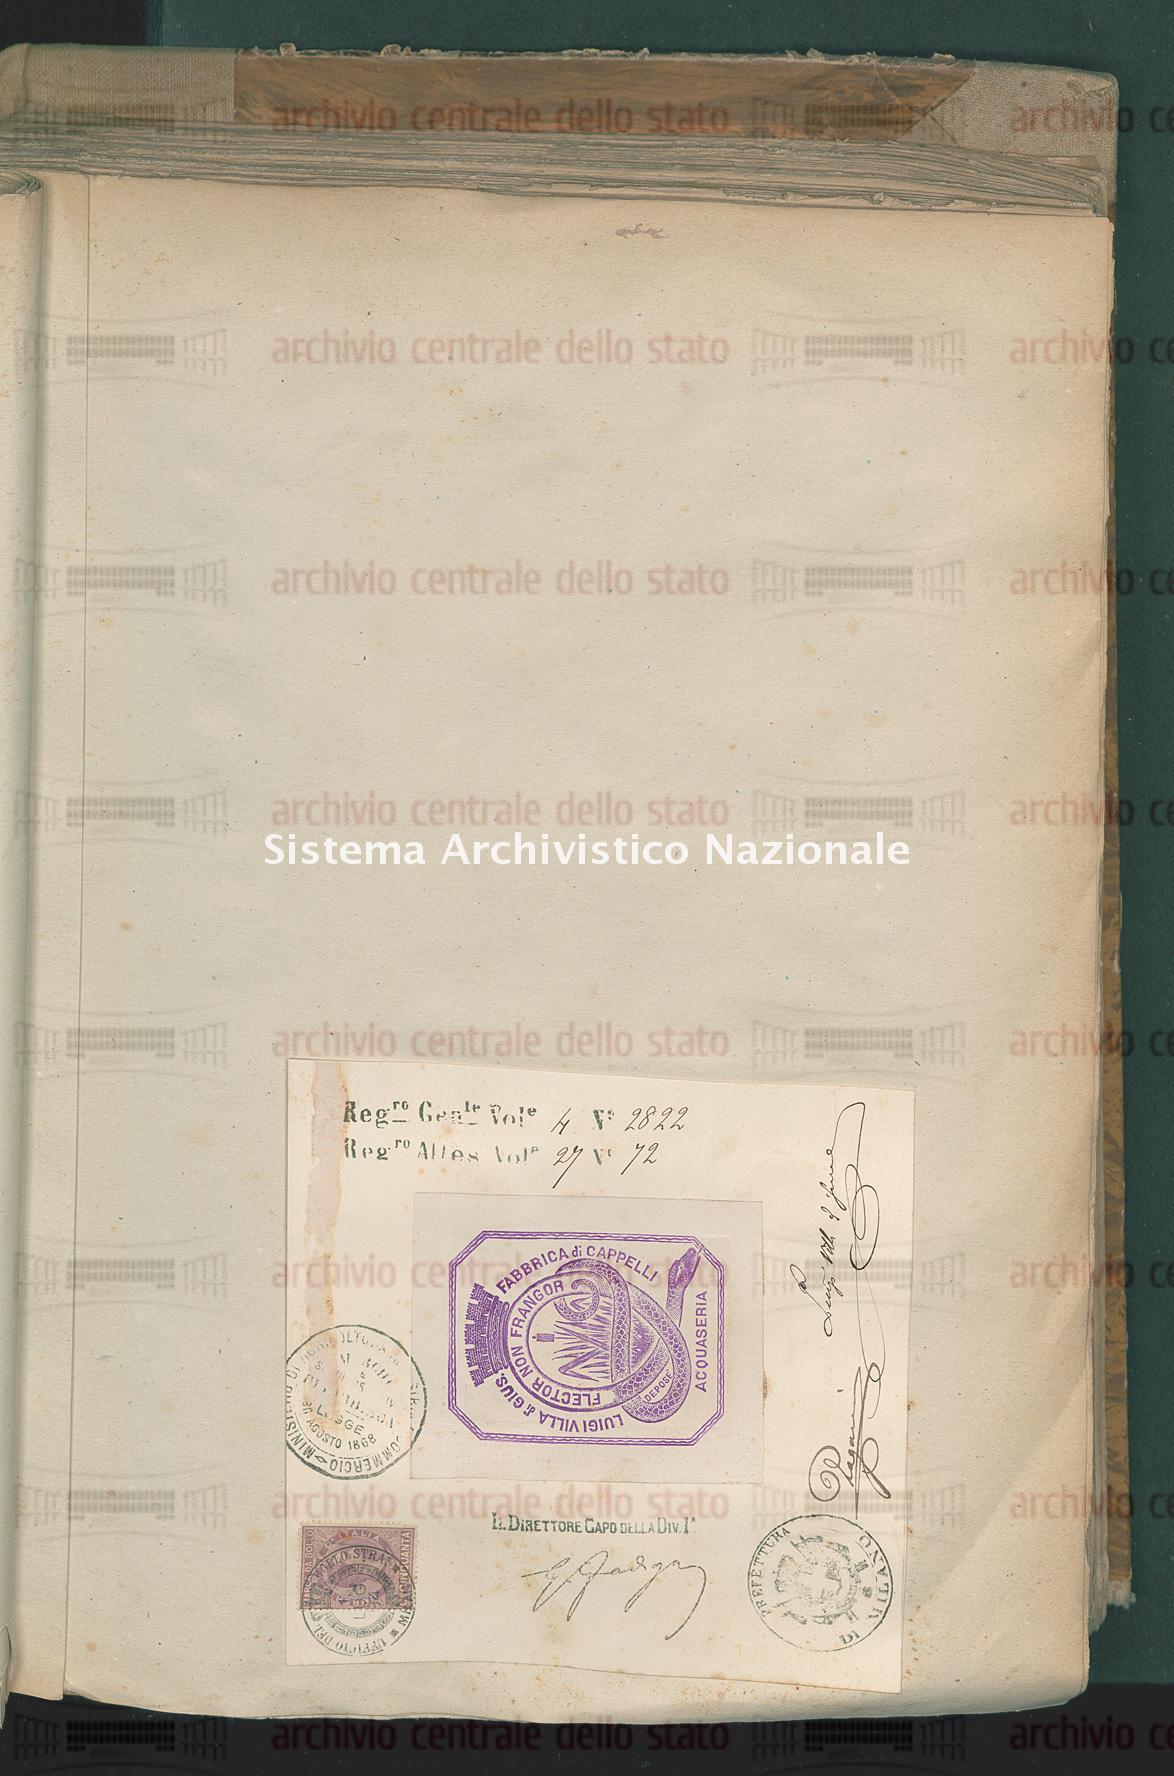 Ditta Luigi Villa Di Giuseppe (07/08/1894)